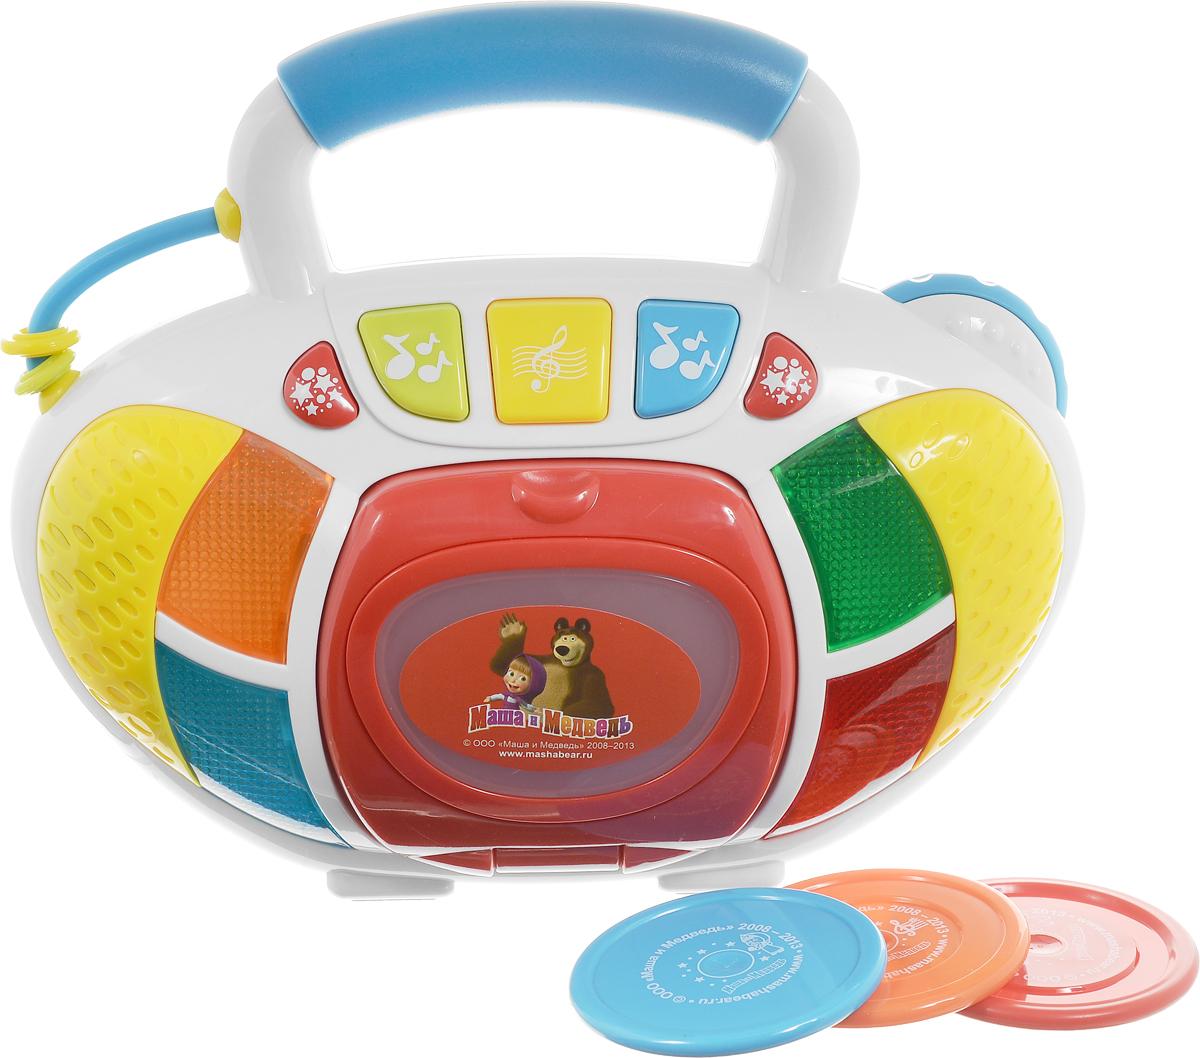 Играем Вместе Развивающая игрушка Мой первый плеер Маша и Медведь4201T-RРазвивающая игрушка Играем вместе Мой первый плеер. Маша и Медведь непременно понравится вашему малышу. Форма плеера выполнена так, что малышу будет удобно держать его в руке и одновременно нажимать на кнопки, меняя режимы. Играя с этим удивительным набором ваш ребенок не только научится работать с техникой, но и будет развивать слух и мелкую моторику рук. Нажимая на яркие светящиеся кнопки, слушая веселые песенки и забавные мелодии, ваш непоседа проведет время увлекательно и с пользой, не скучая ни минуты. В комплекте есть 3 диска с песнями, всего 7 песен. Развивающая игрушка Играем вместе Мой первы плеер. Маша и Медведь способствует развитию речи и музыкальной памяти, моторики и артистизма, визуального и слухового восприятия. Рекомендуется докупить 3 батарейки типа АА (товар комплектуется демонстрационными).